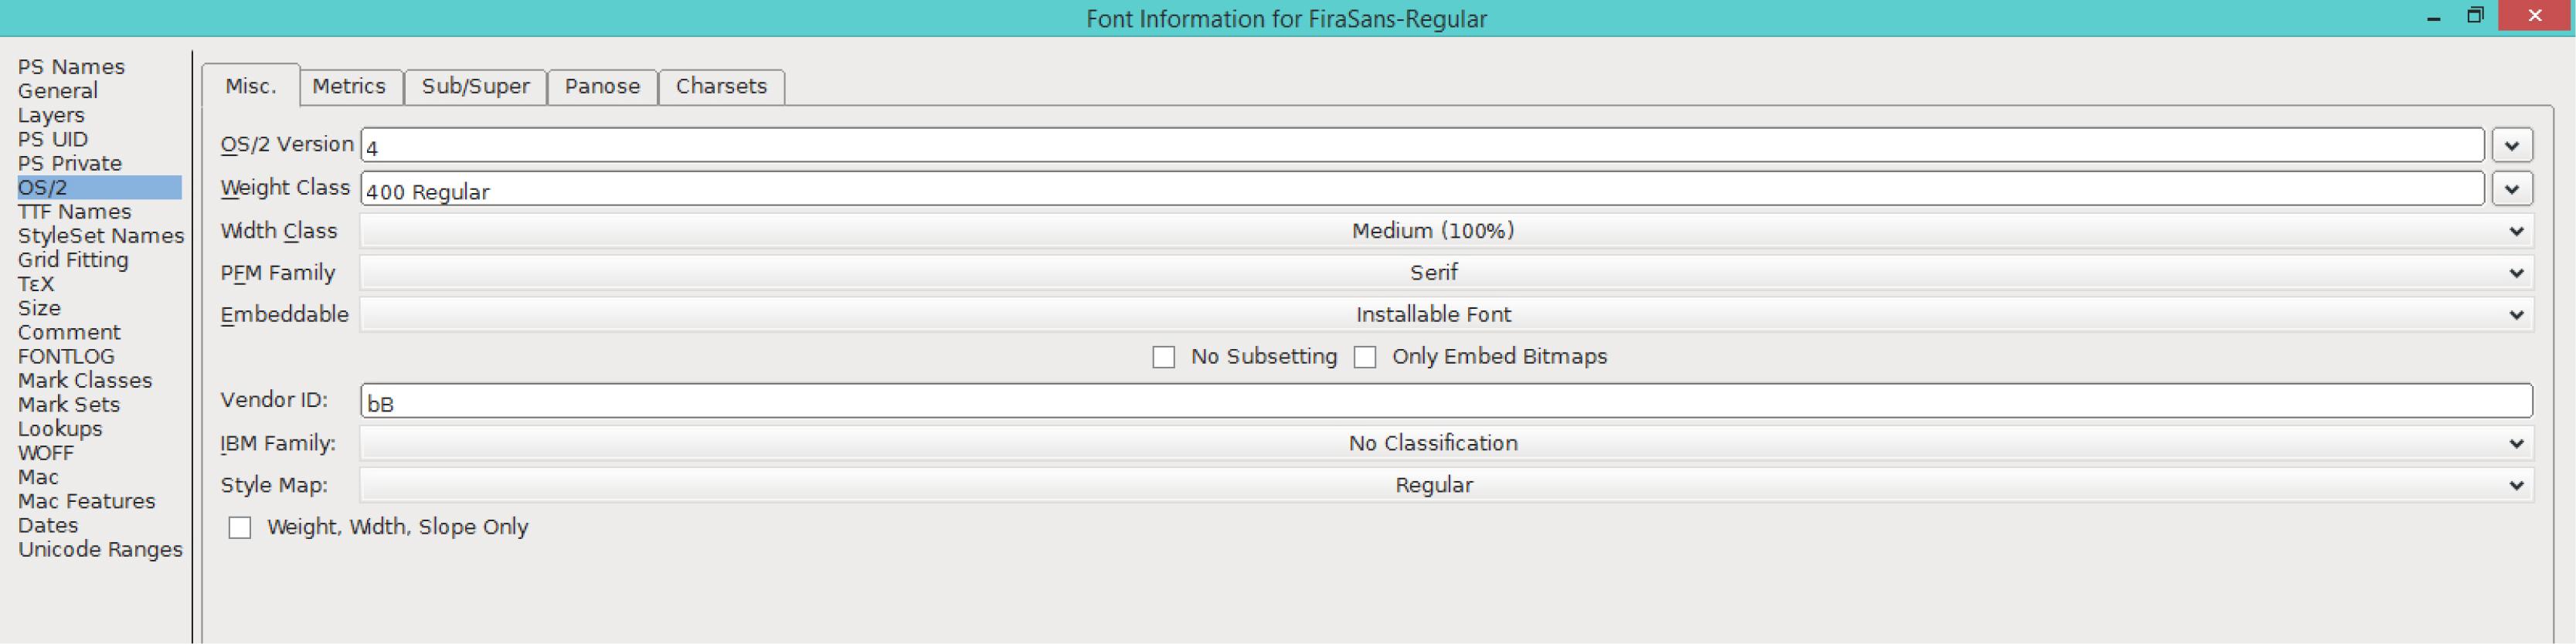 Fira Sans Regular (OS/2)